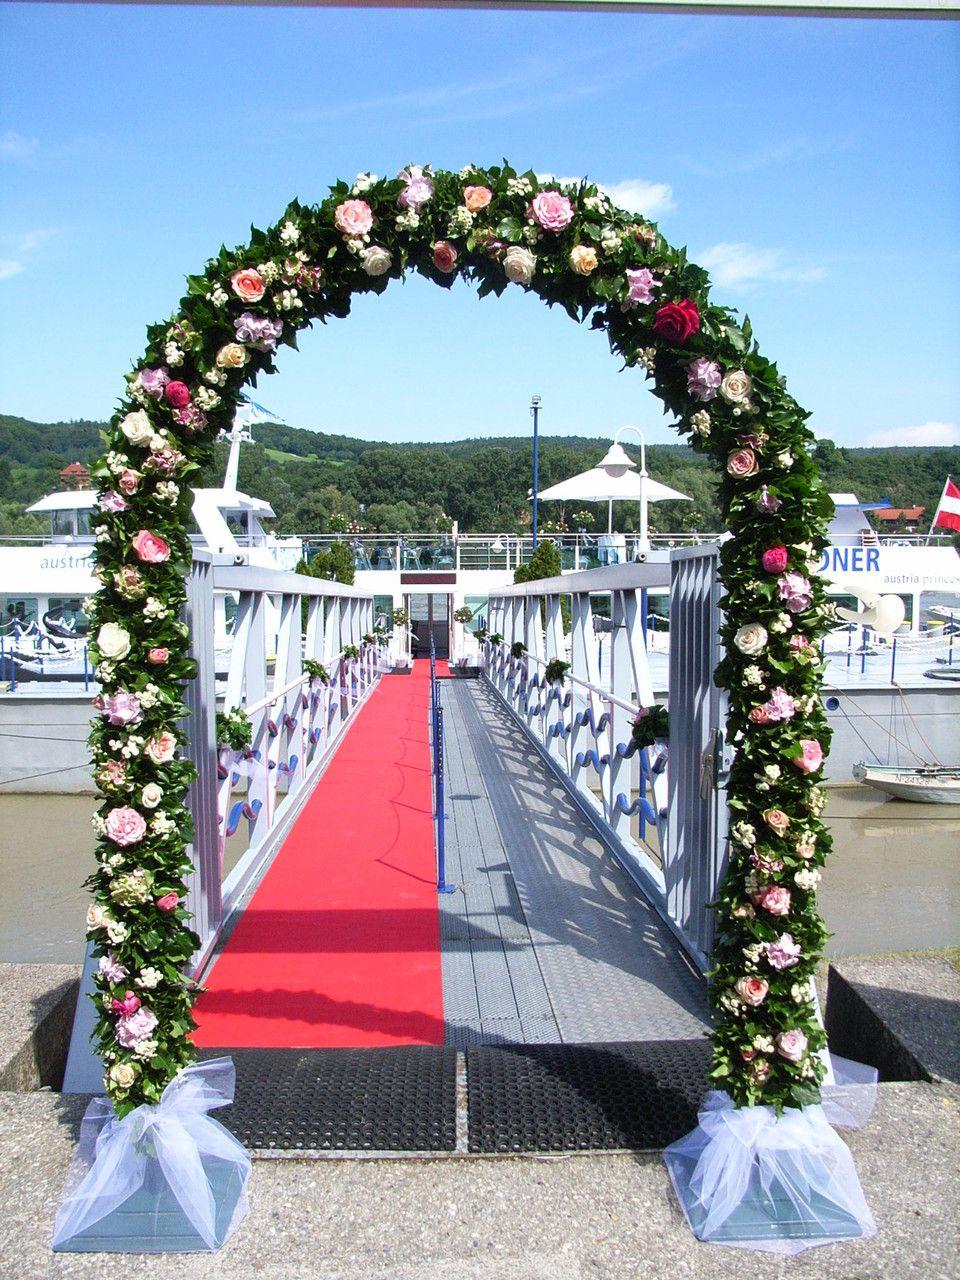 Rosenbogen bei der Hochzeit am Schiff  Rosenbogen